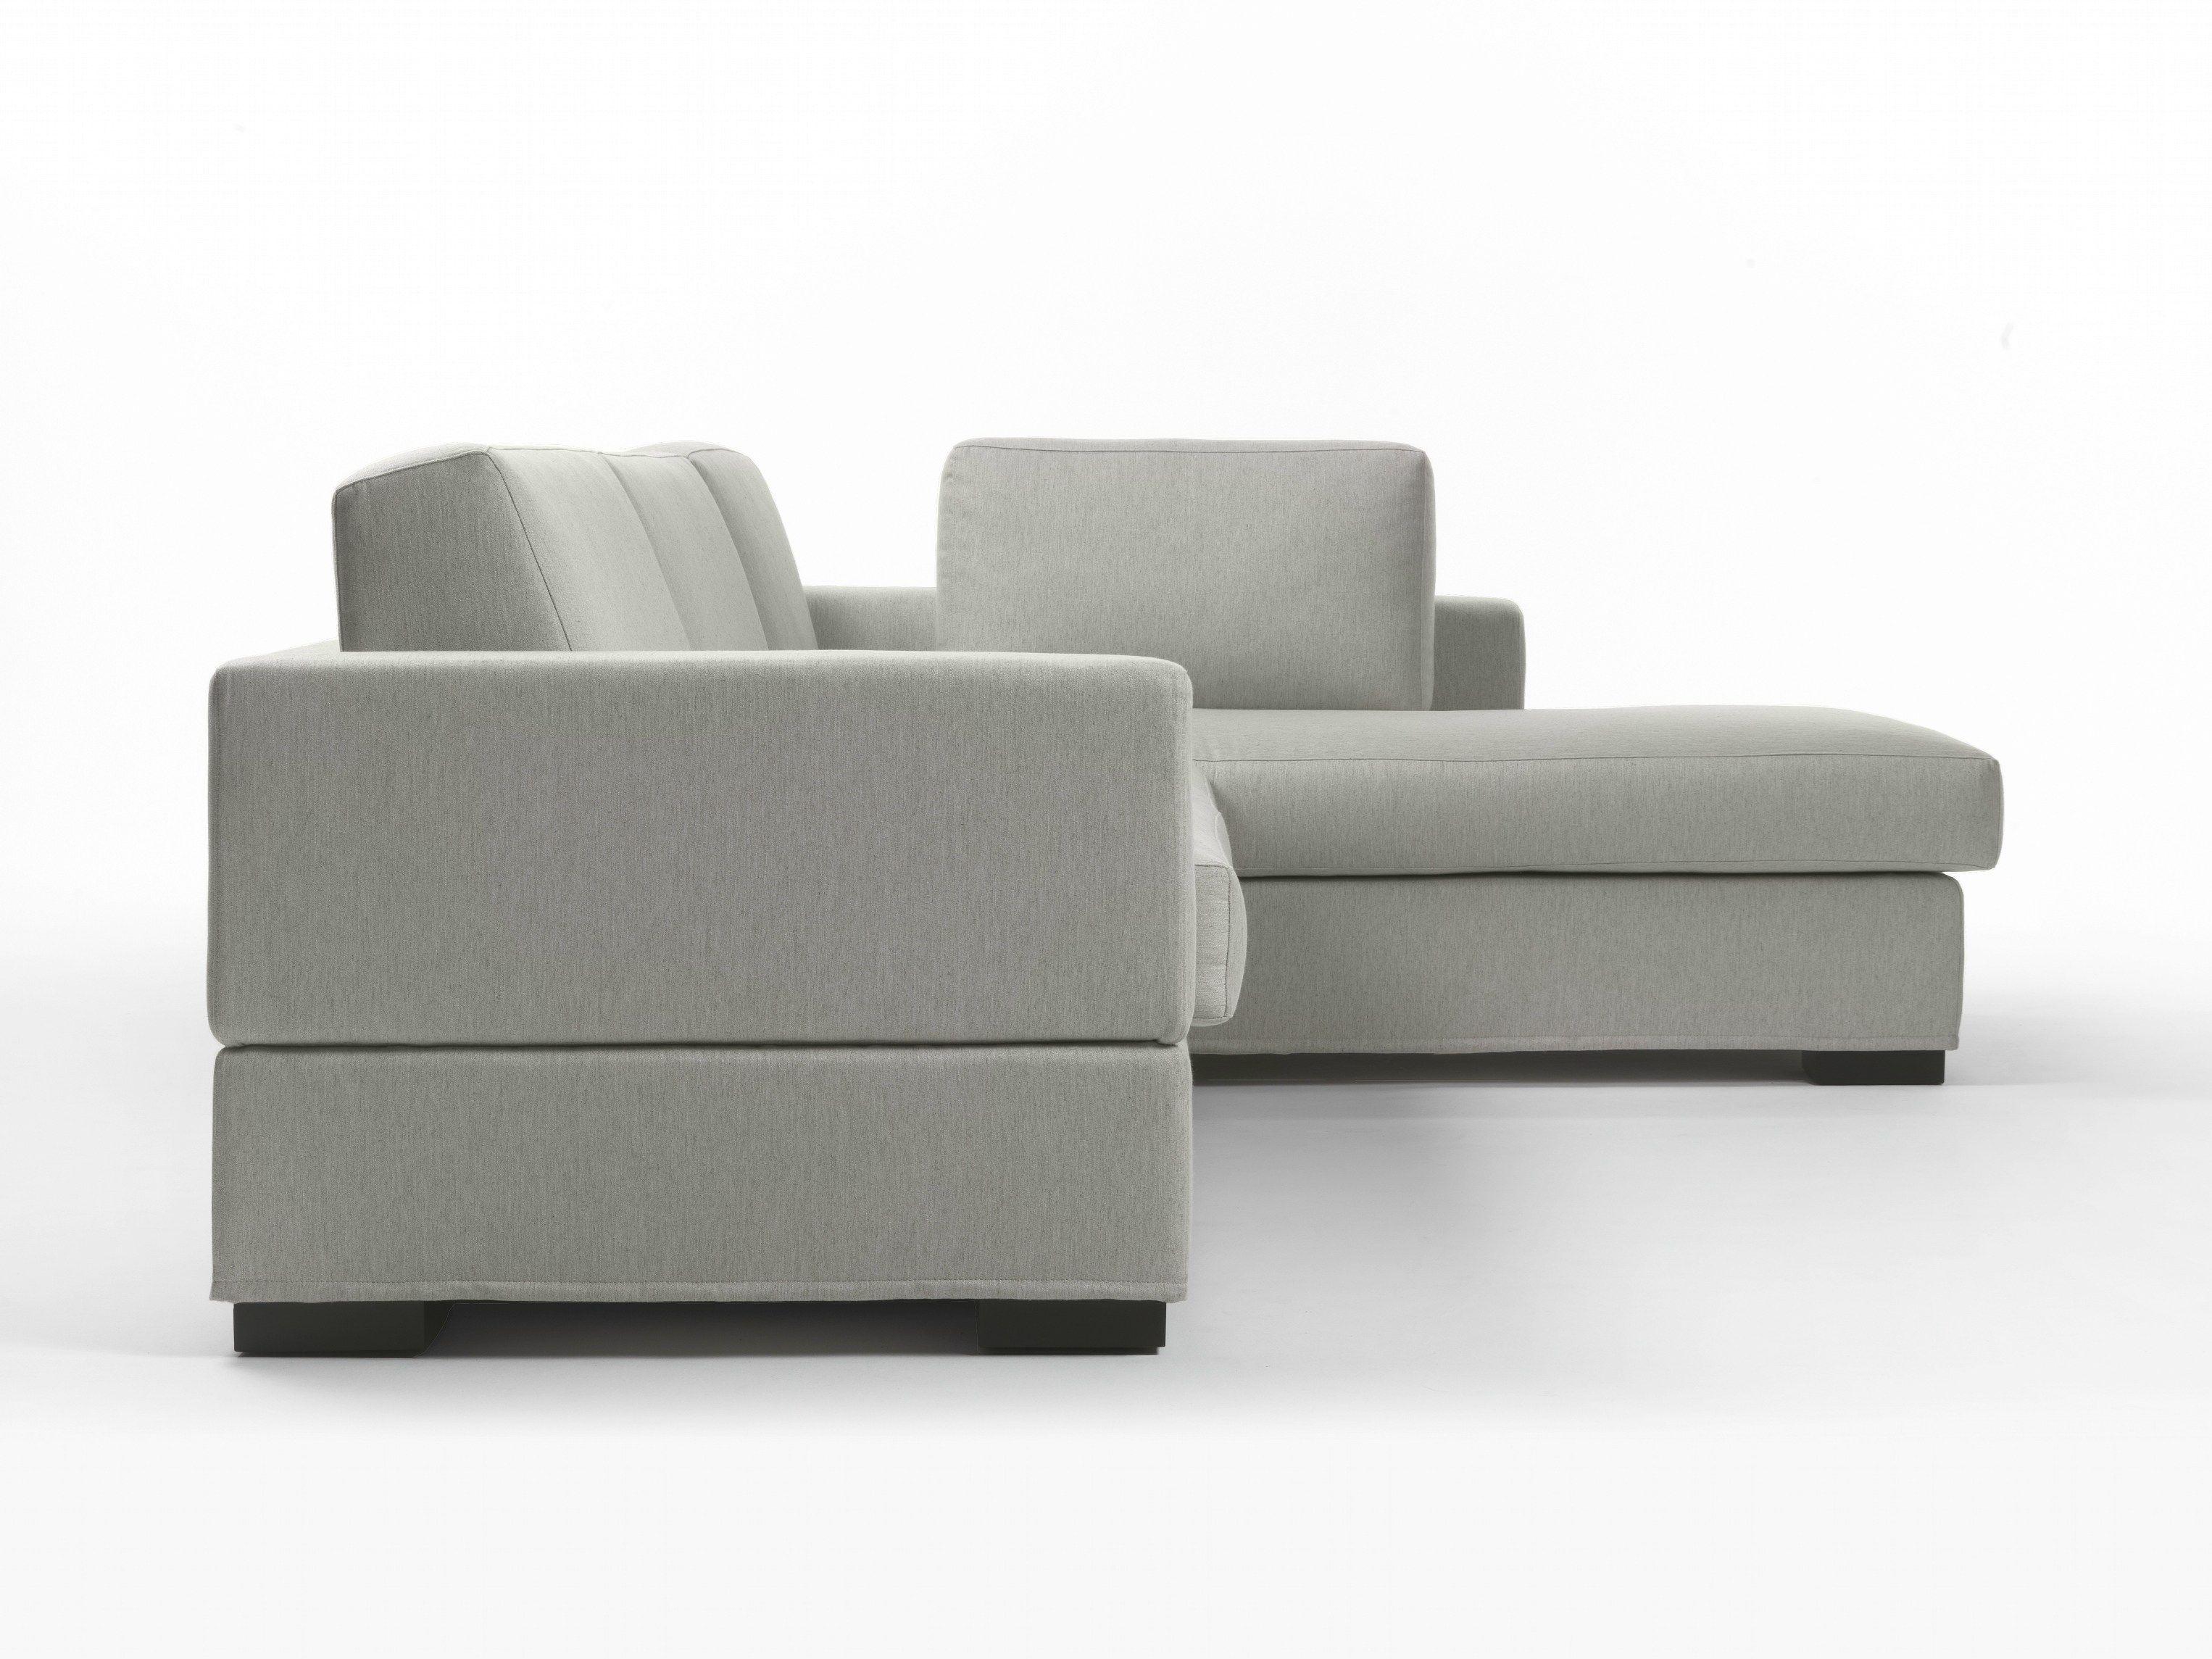 Divano angolare ikea fabulous divano piccolo divani reclinabili divano angolare piccolo ikea - Foderare cuscino divano ...